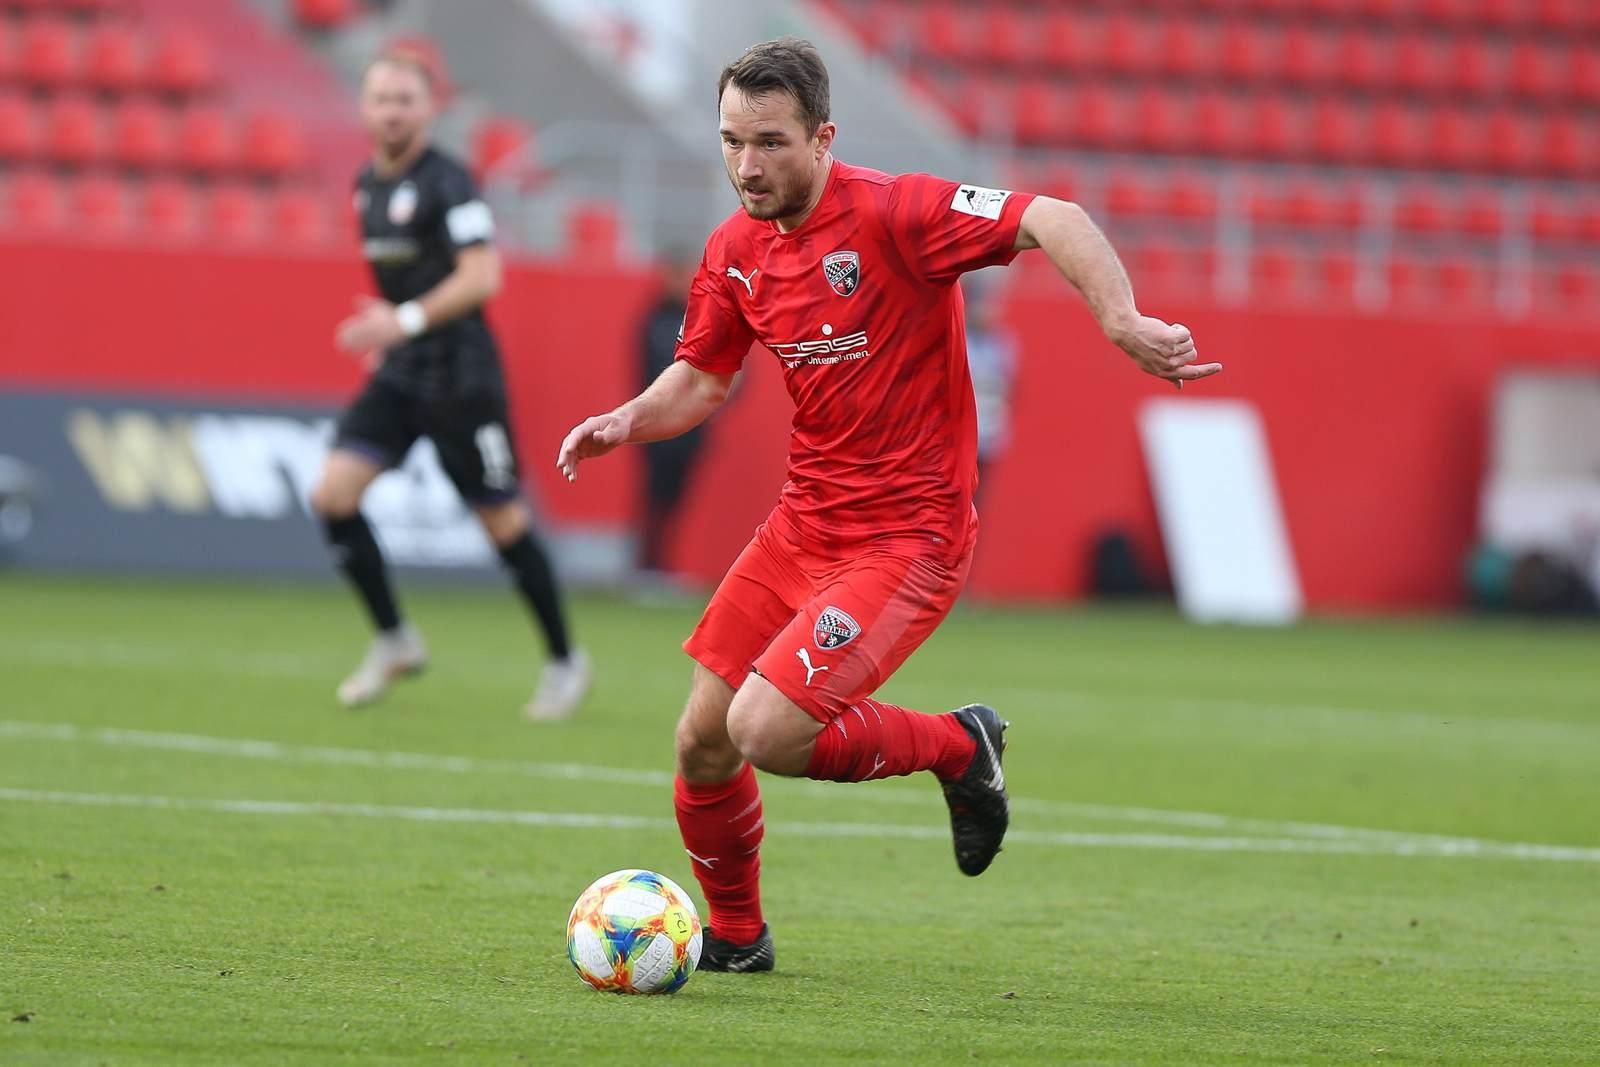 Peter Kurzweg am Ball für den FC Ingolstadt